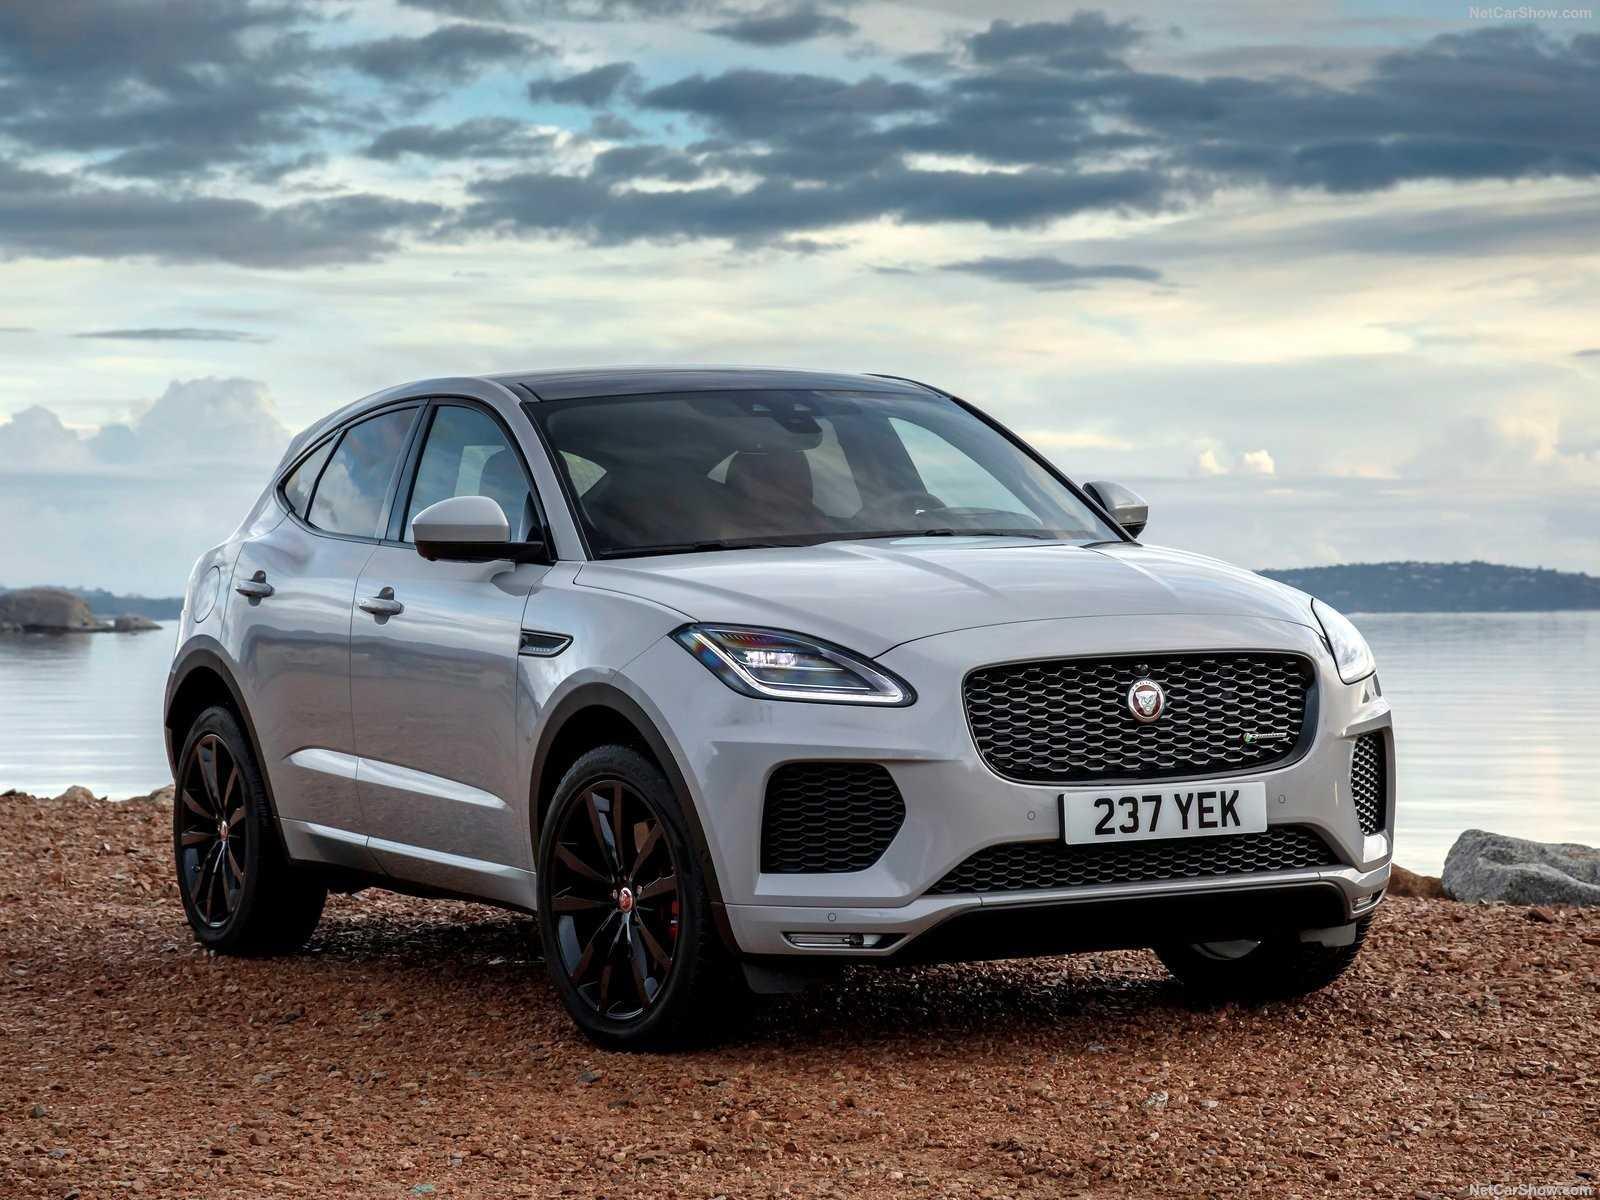 Jaguar f-pace 2015, 2016, 2017, 2018, 2019, джип/suv 5 дв., 1 поколение, x761 технические характеристики и комплектации